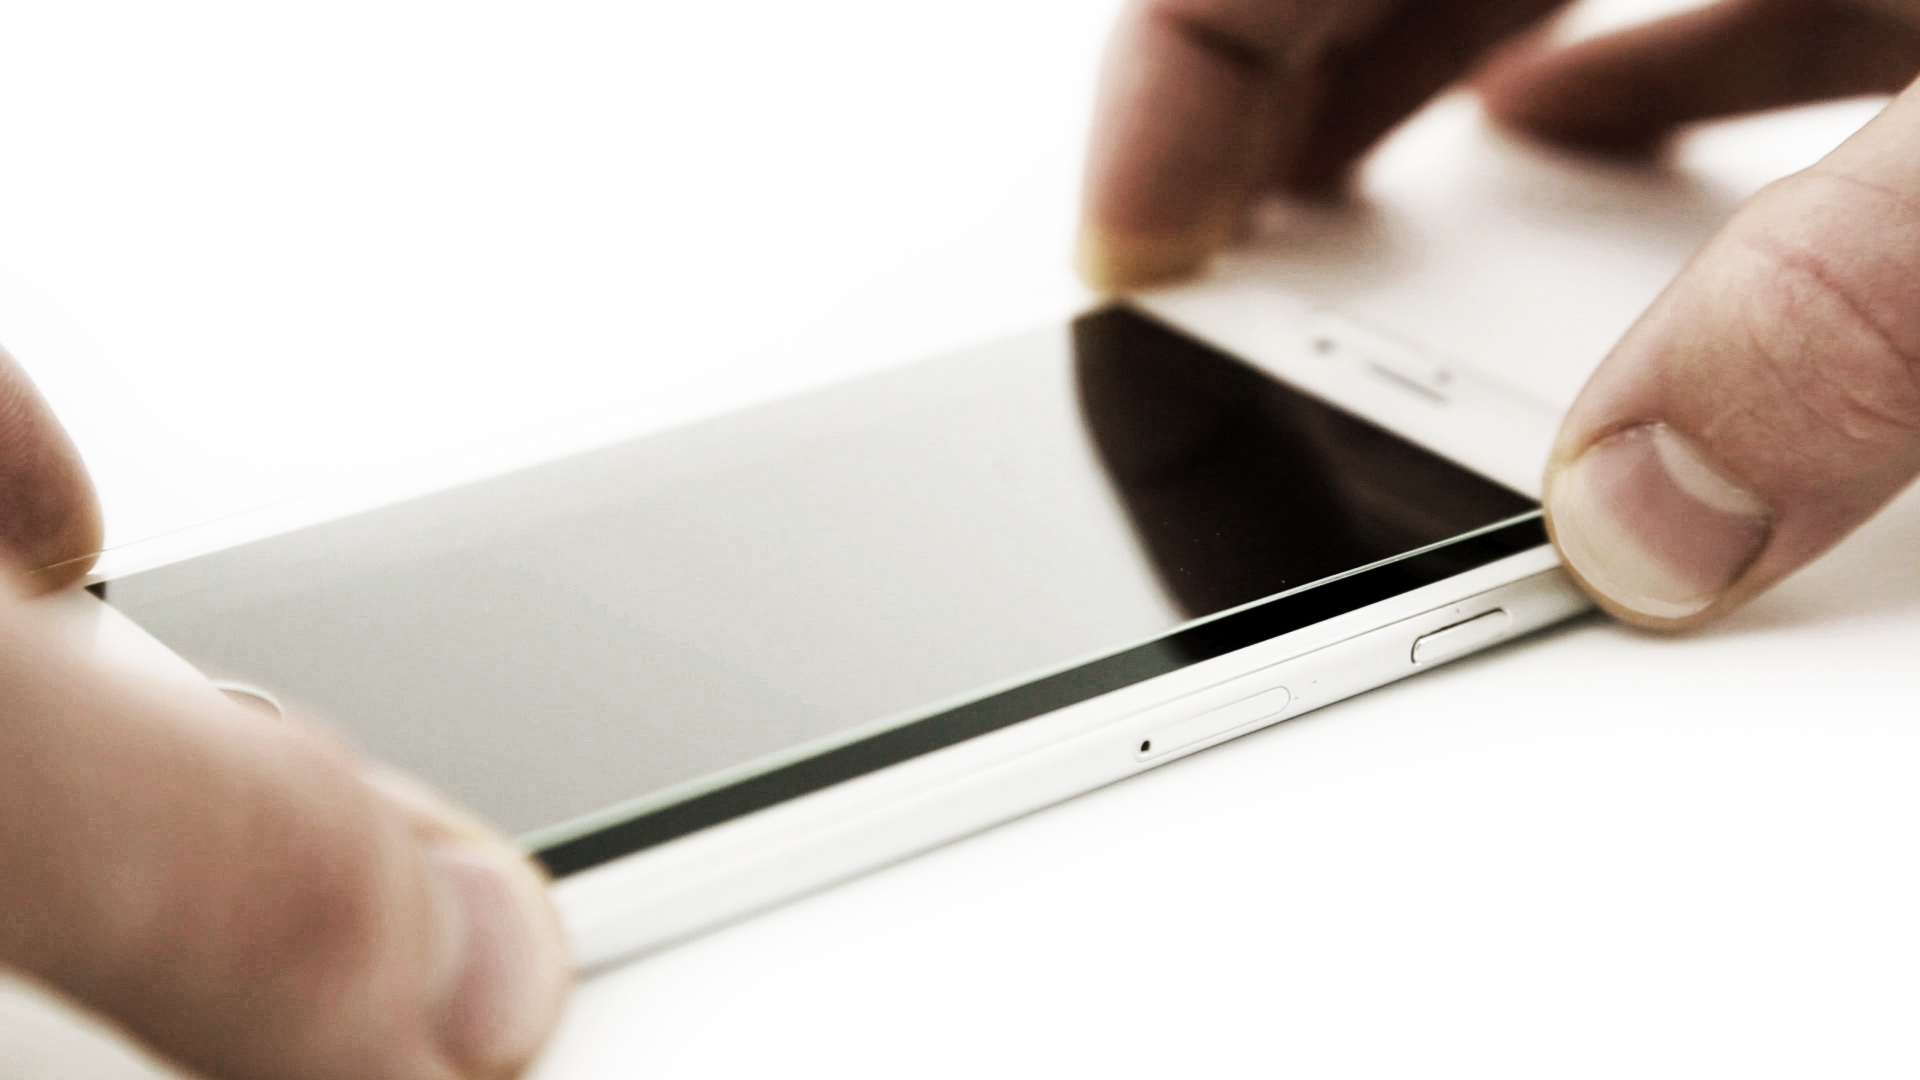 Displayschutzglas für Smartphones von GorillaTech